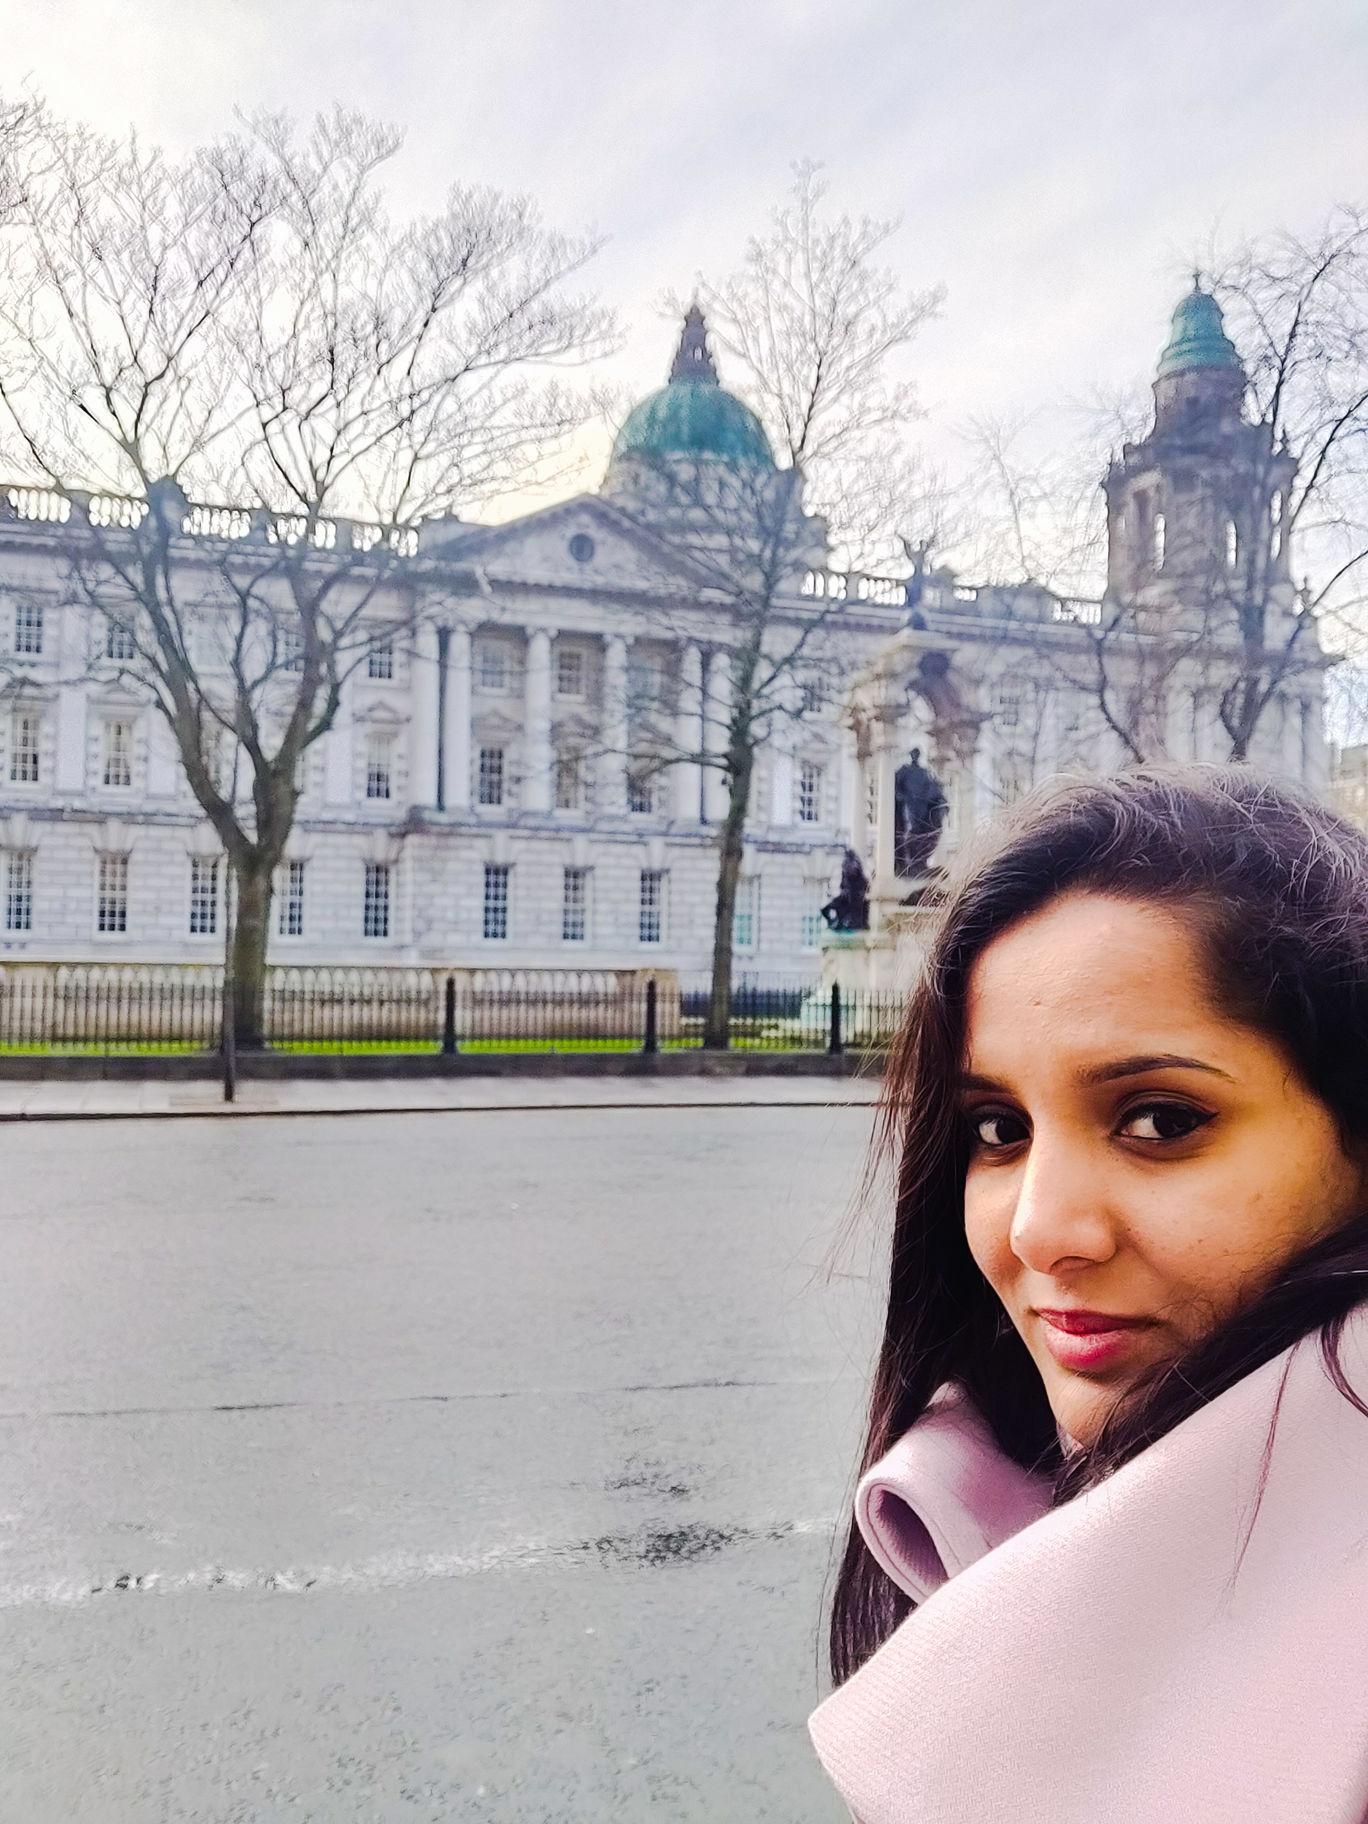 Photo of Belfast City Hall By Priyanka Upadhye